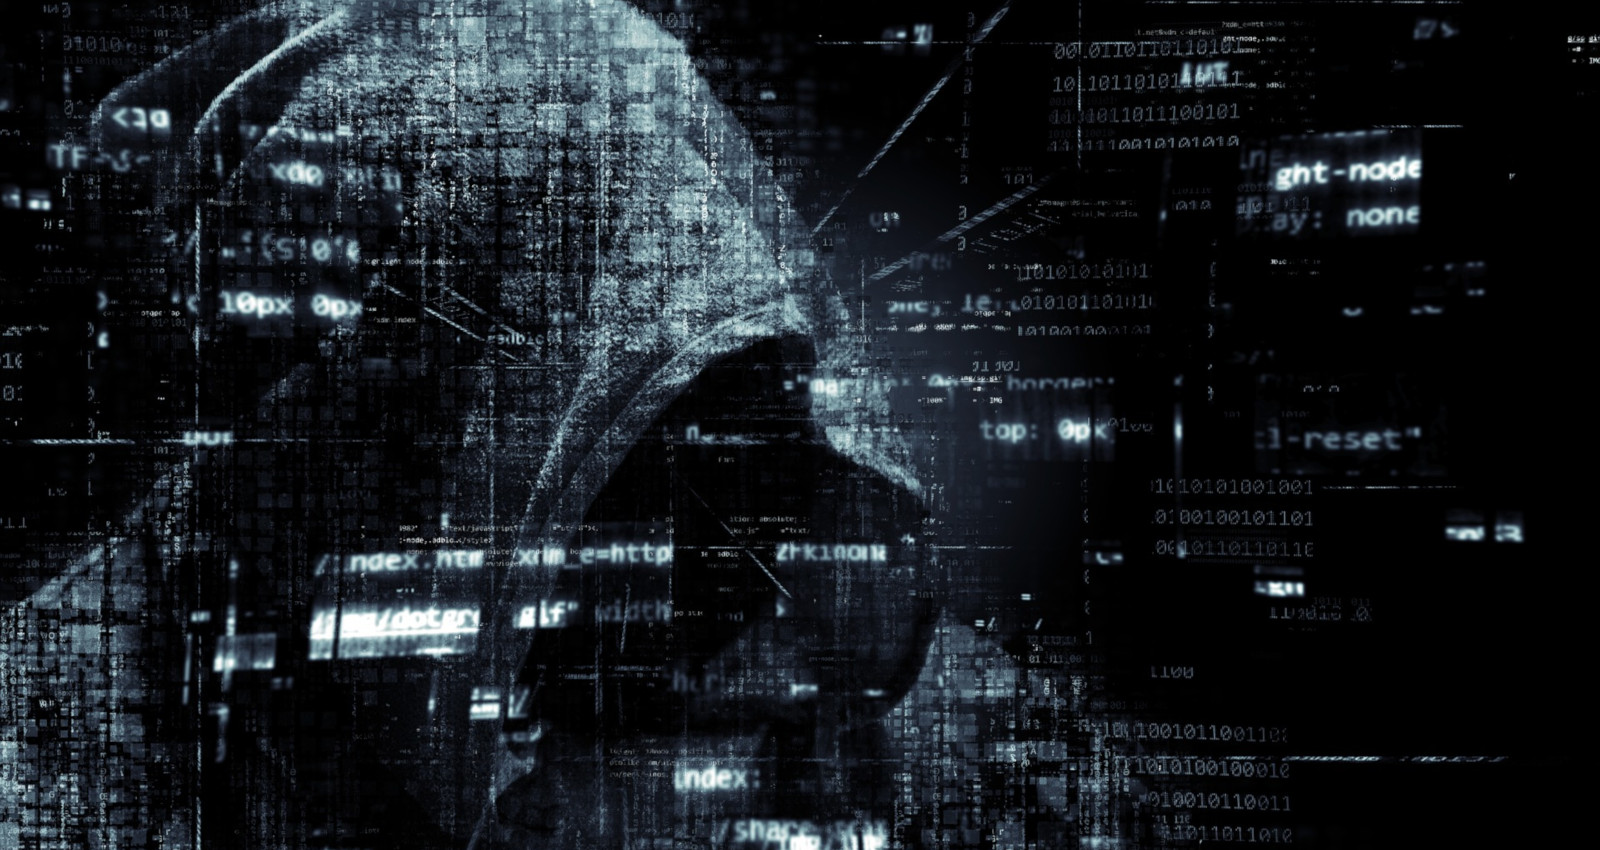 Erpressungstrojaner: Sollte man das Lösegeld bei Ransomware bezahlen?